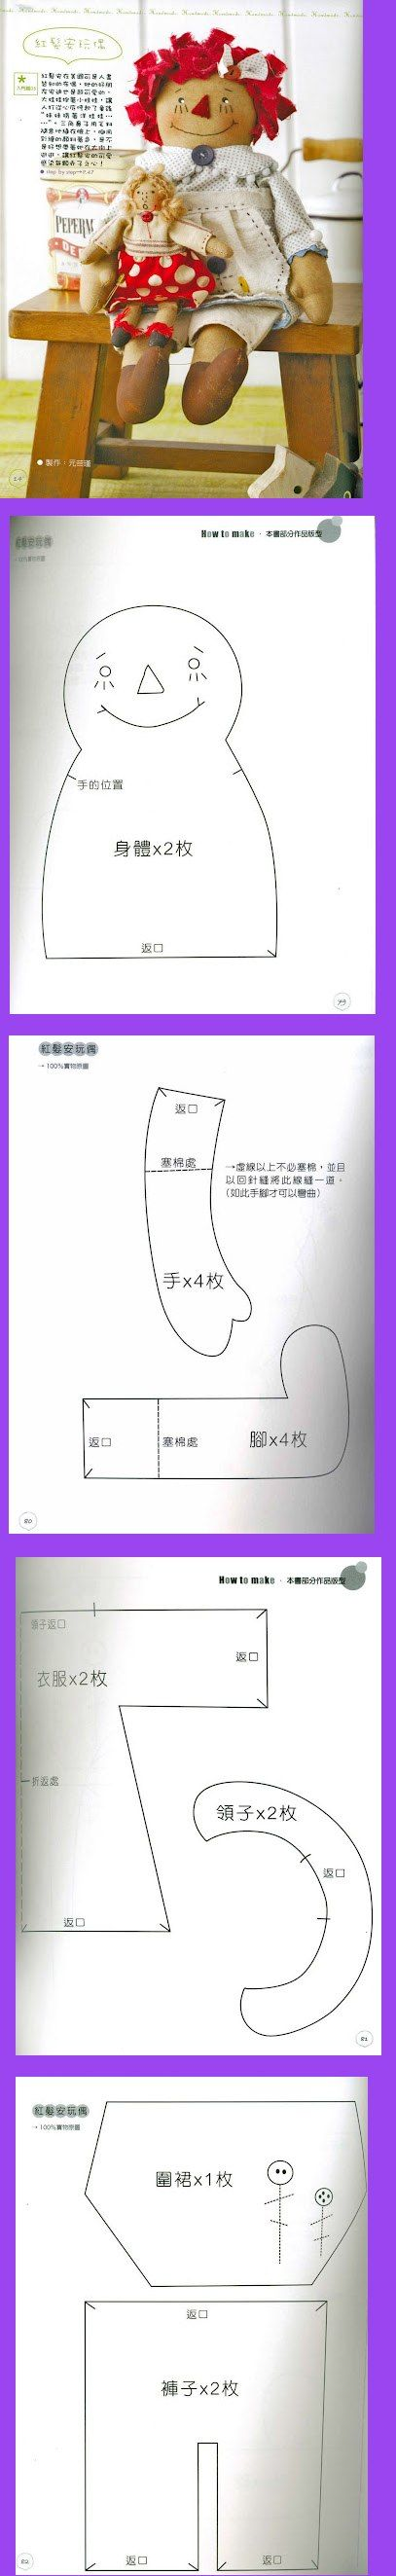 annie - molde japonesa